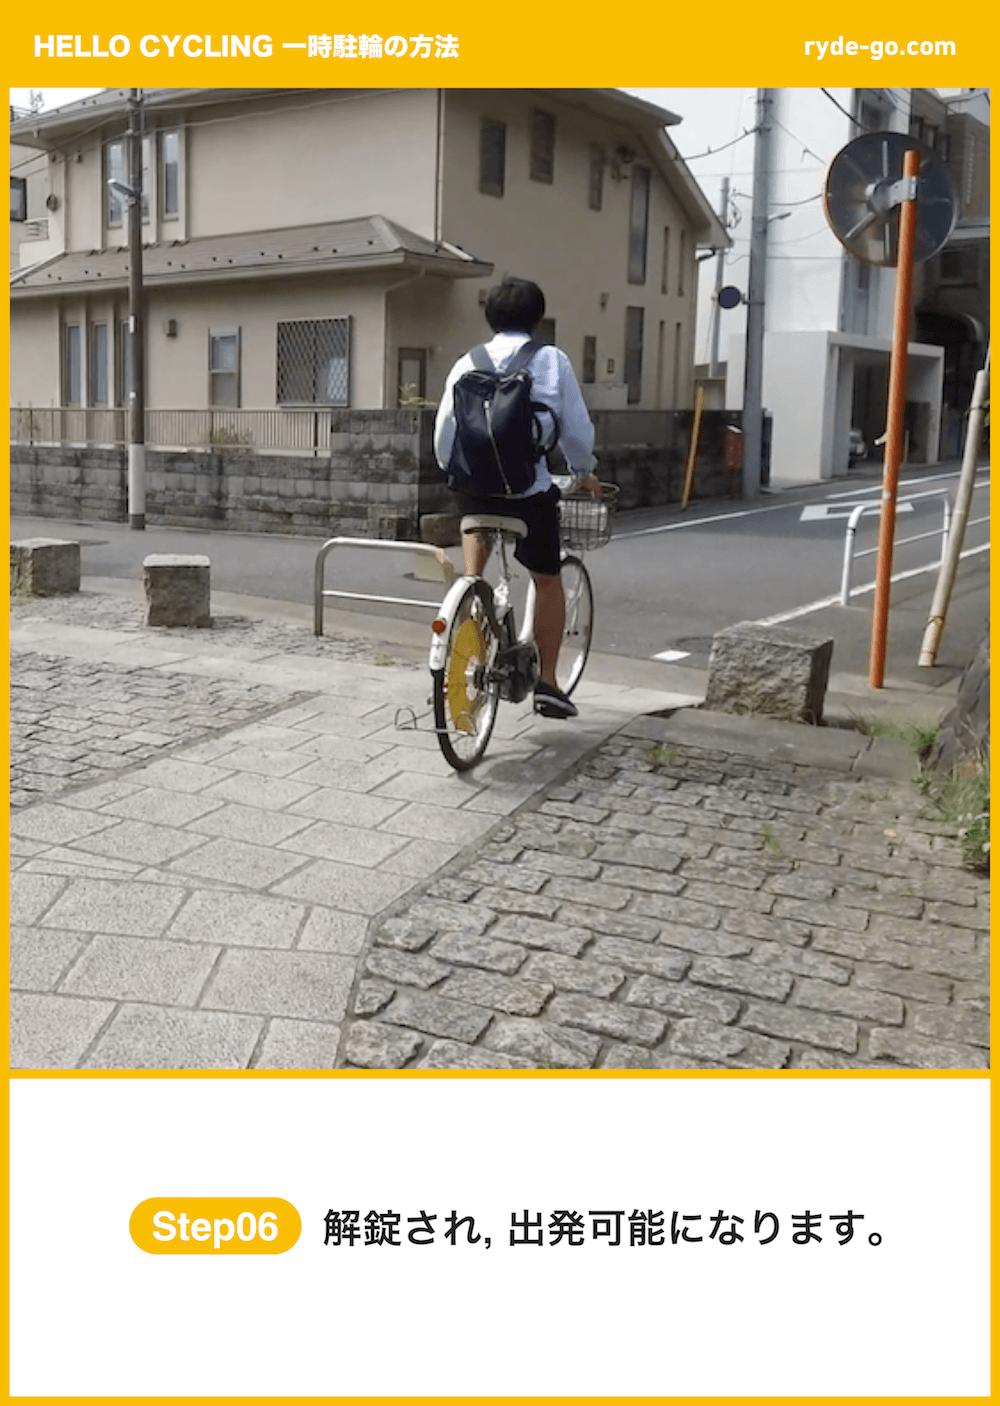 ハローサイクリング 利用再開